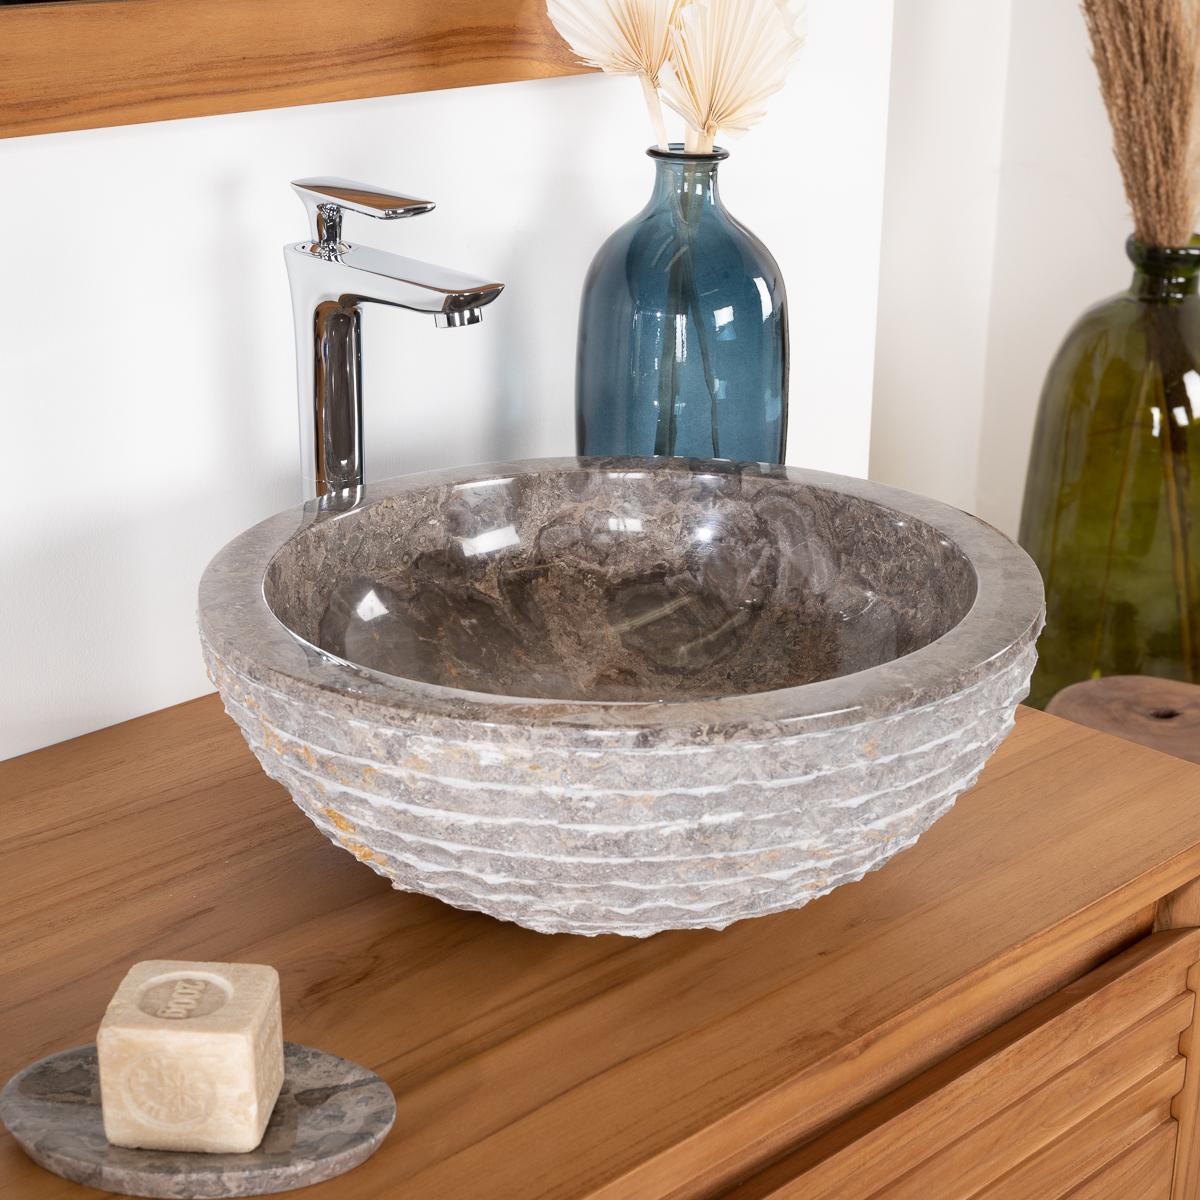 vasque en pierre de salle de bain vesuve gris taupe 40cm. Black Bedroom Furniture Sets. Home Design Ideas